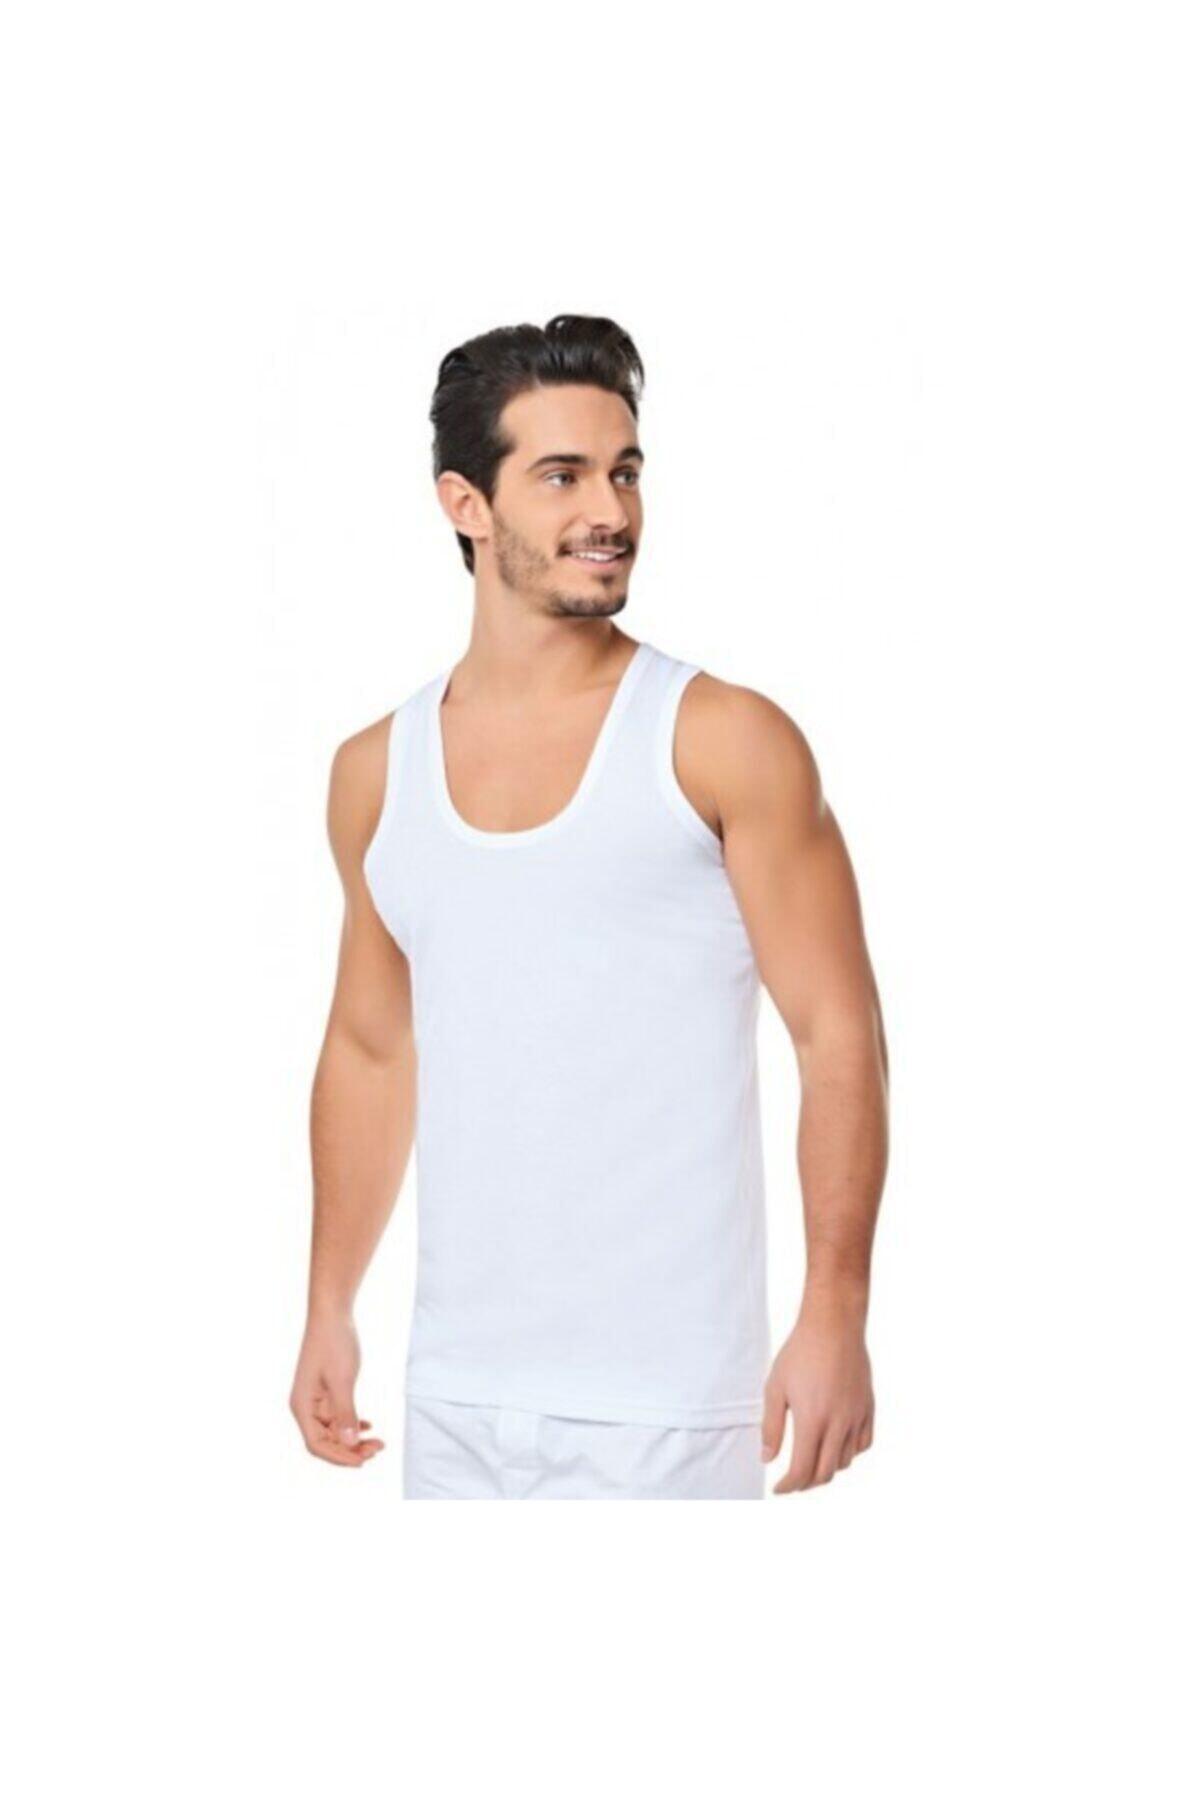 Albak İç Giyim Erkek 12'li Adet Klasik Beyaz Atlet - Albak 1